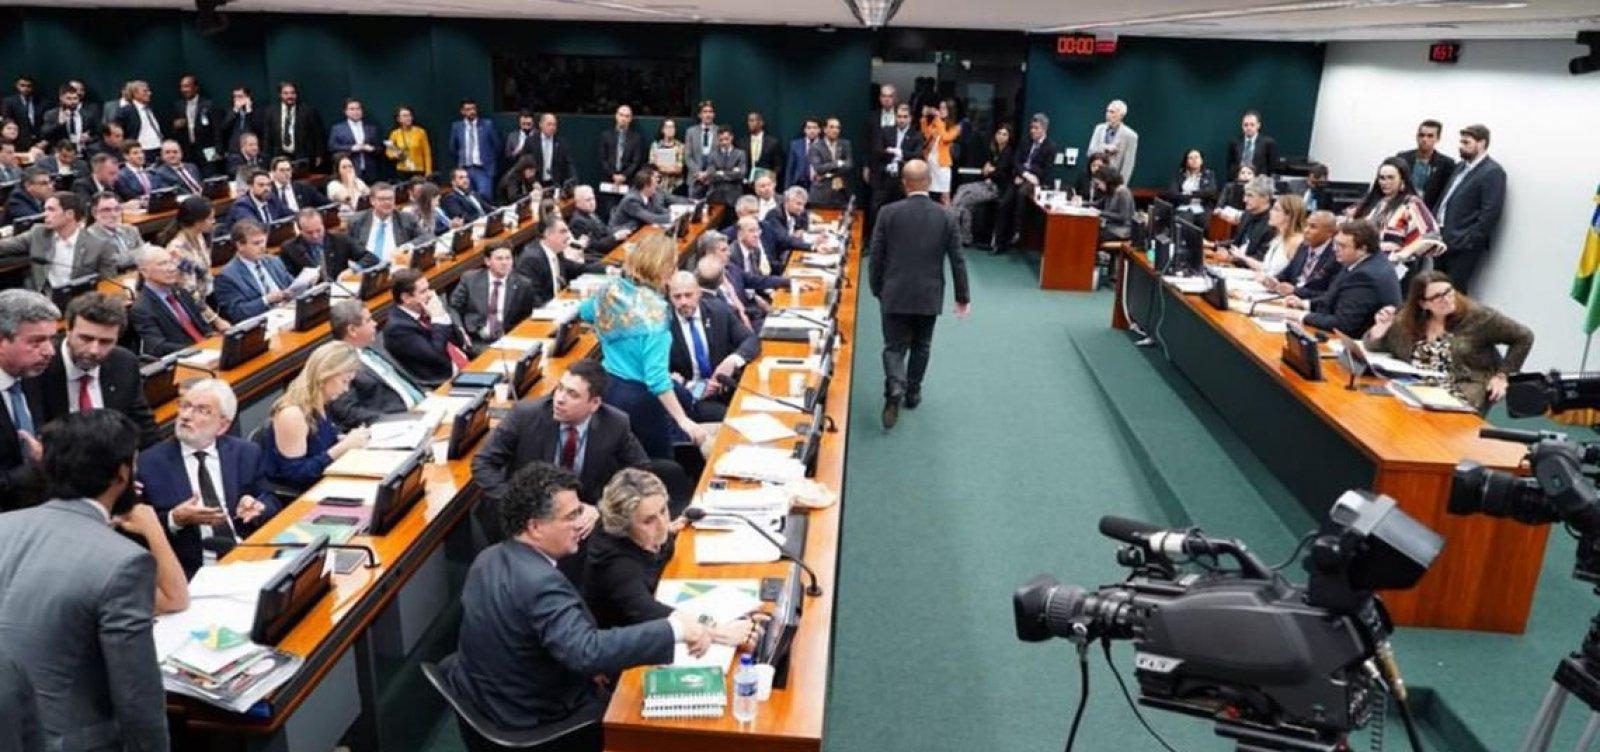 [CCJ encerra sessão sobre Previdência após 12 horas; debate será retomado hoje]